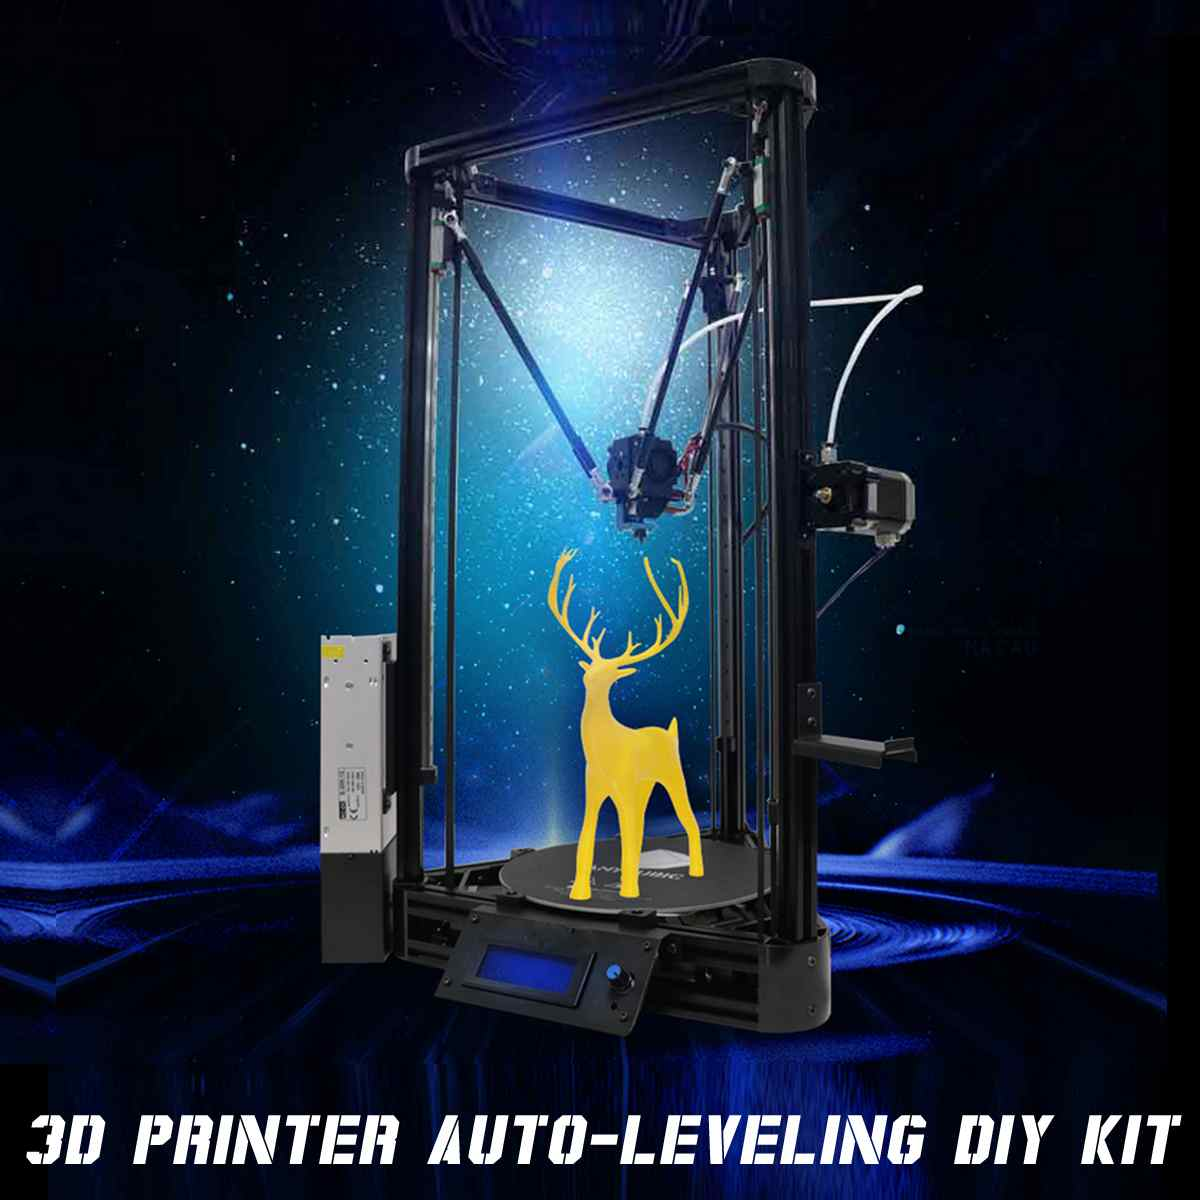 2019 nouveauté 3D Imprimante Poulie 180*300mm bricolage FDM Auto-Nivellement Haute Puissance 3D Drucker Imprimante kit de bricolage